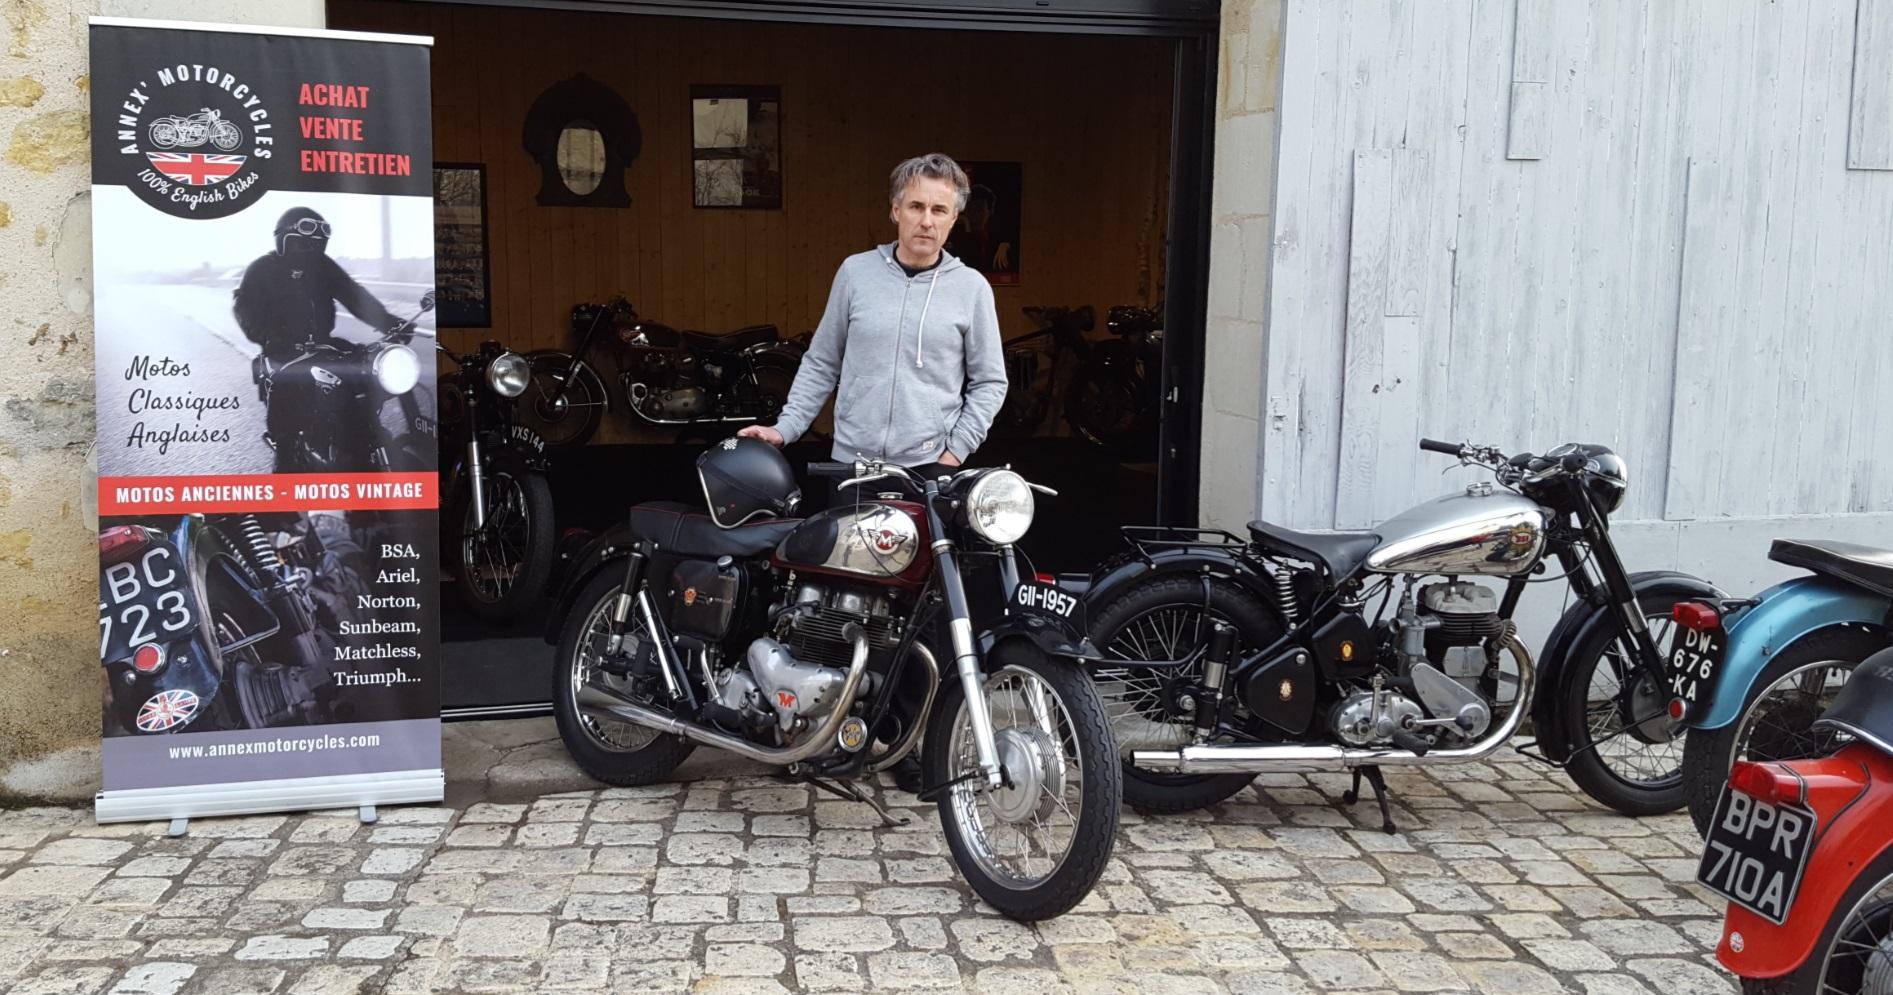 annex motorcycles de belles anglaises pour vous auto moto magazine. Black Bedroom Furniture Sets. Home Design Ideas